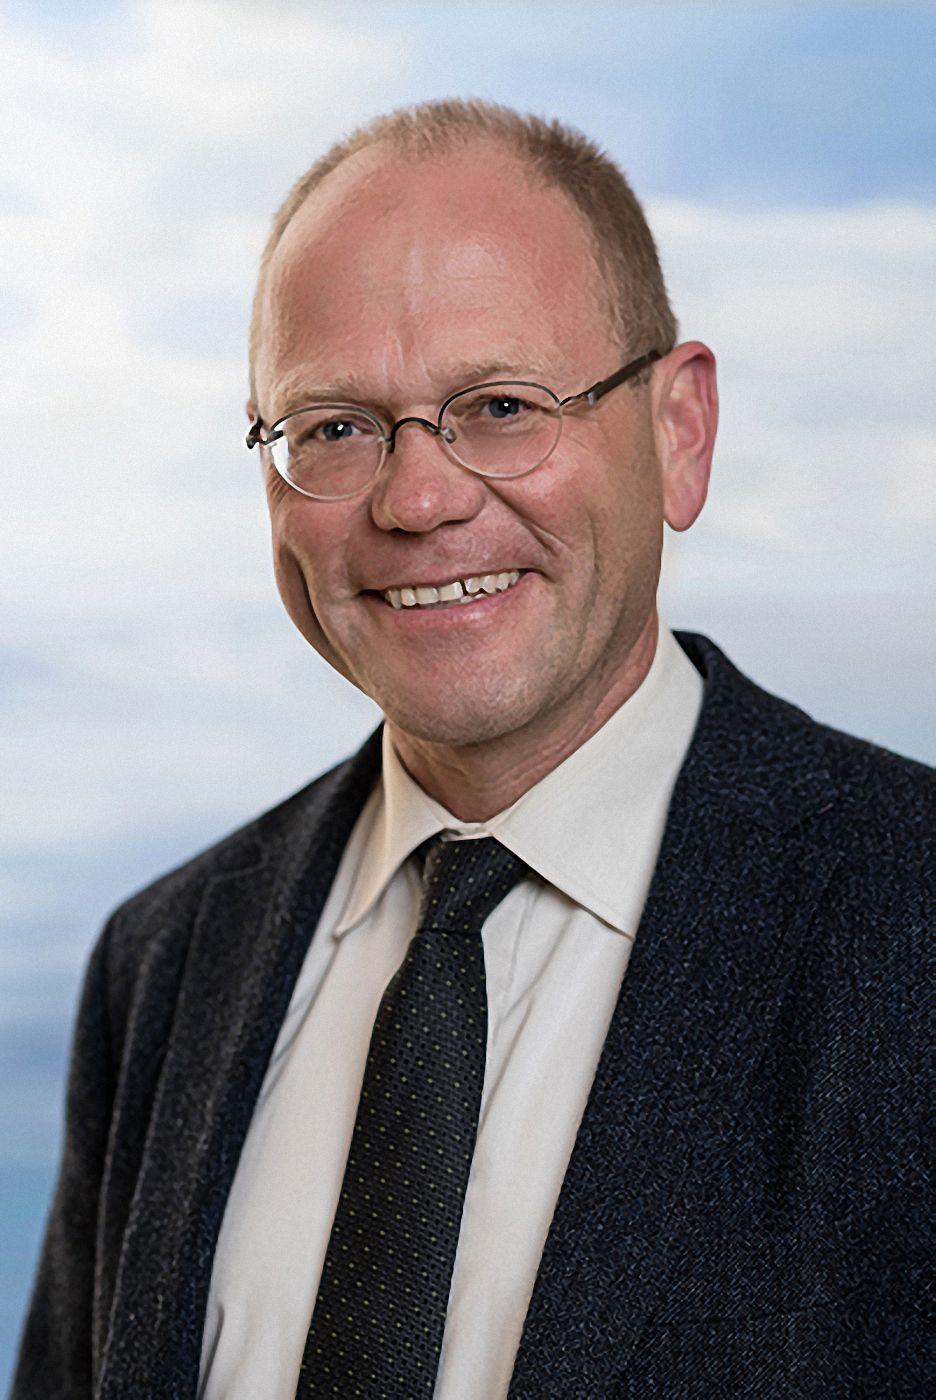 Stellvertretender Geschäftsführer Jörg Hackstein Nordseeklinik Westfalen COPD & Asthma Schwerpunktklinik